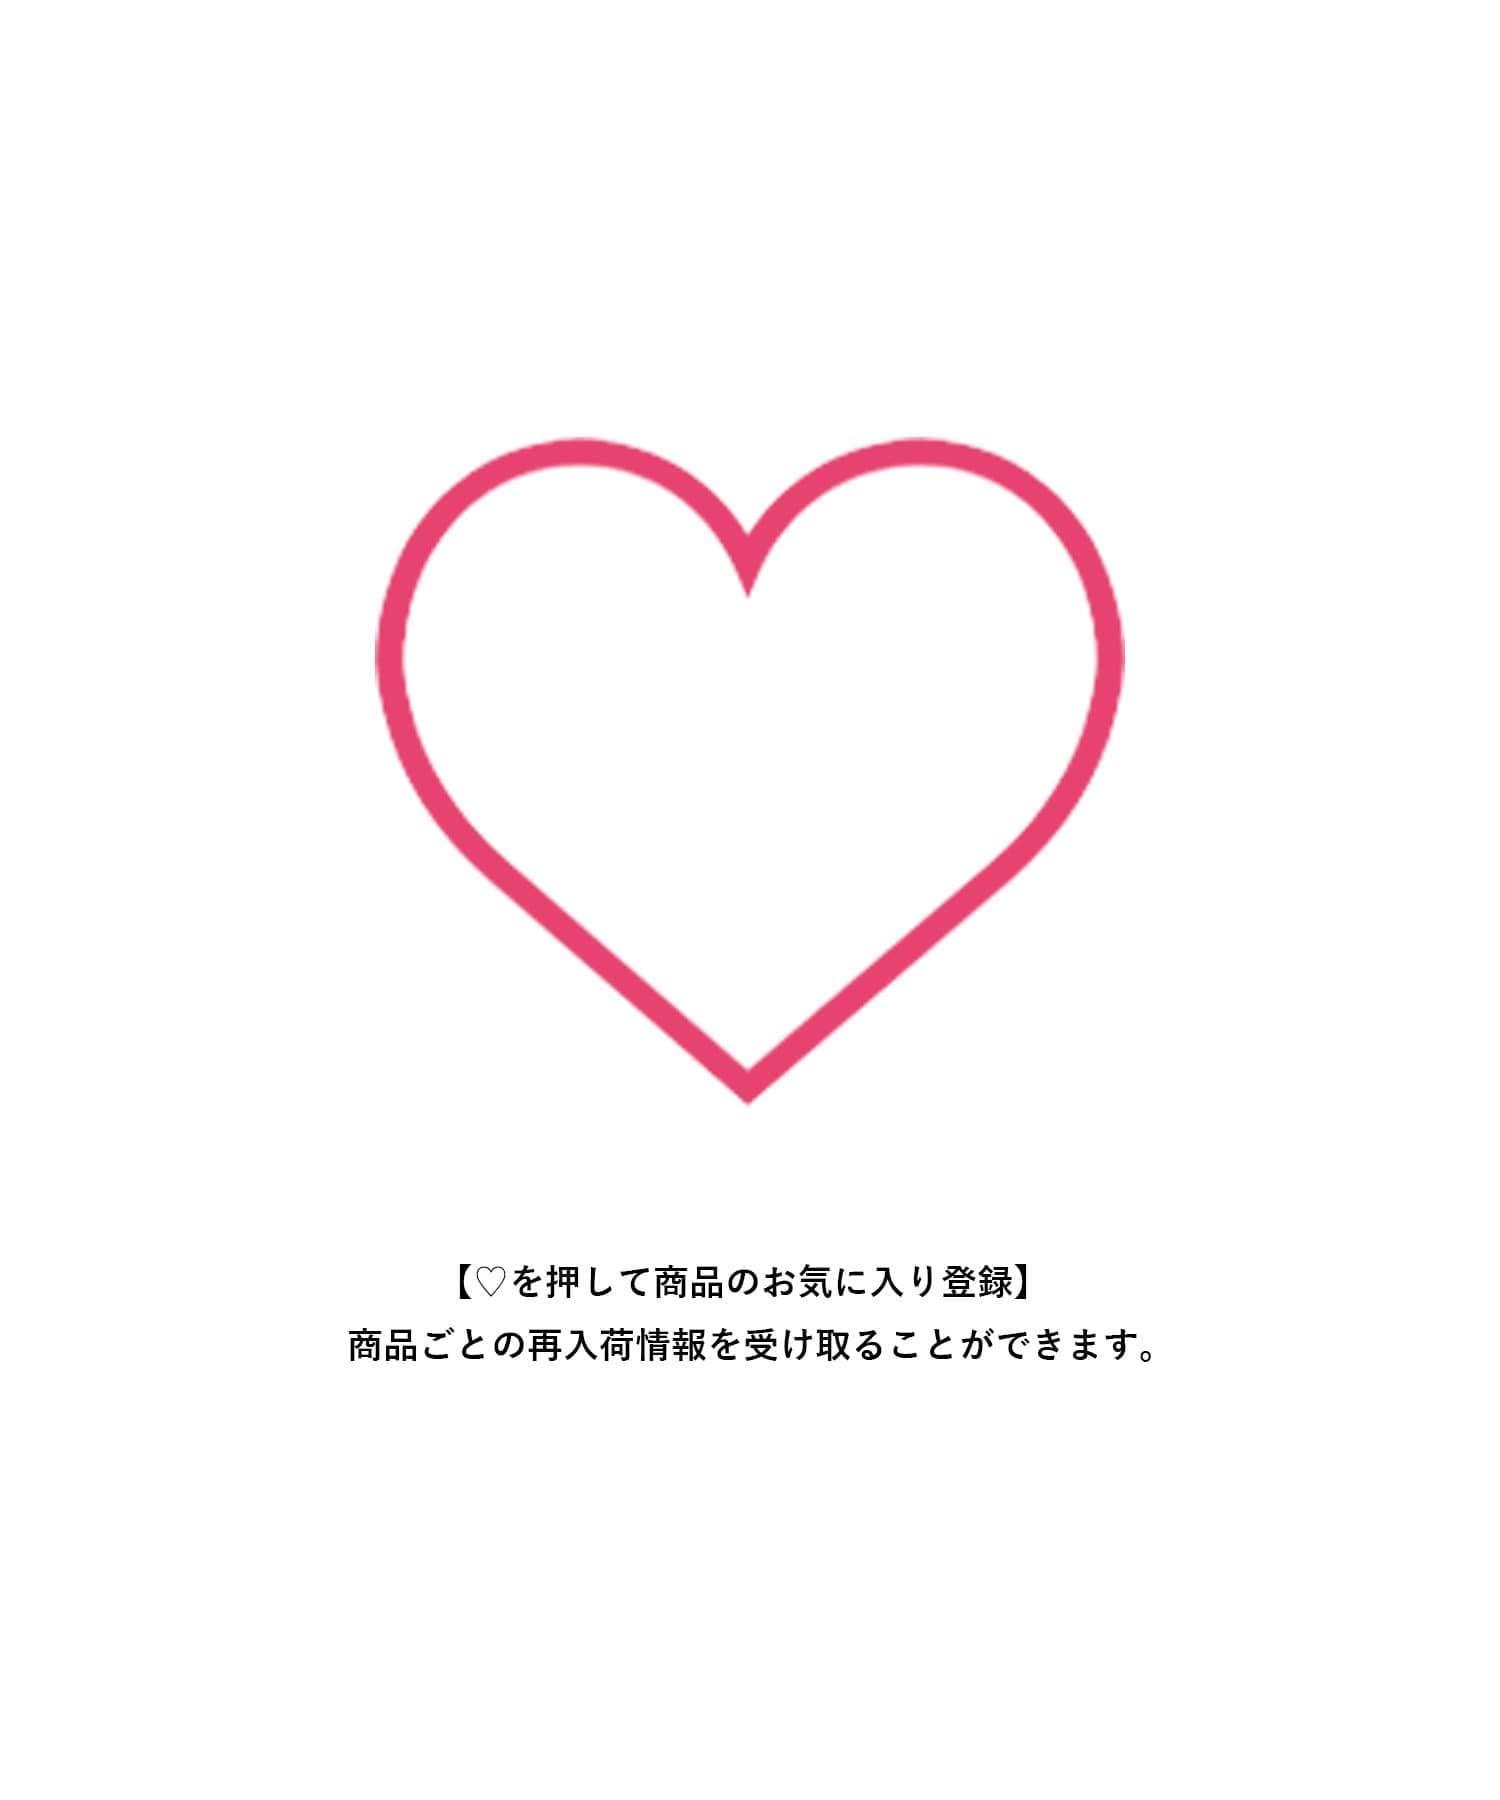 COLLAGE GALLARDAGALANTE(コラージュ ガリャルダガランテ) 【PAPILLONNER/パピヨネ】プロテクトチェーンピアス